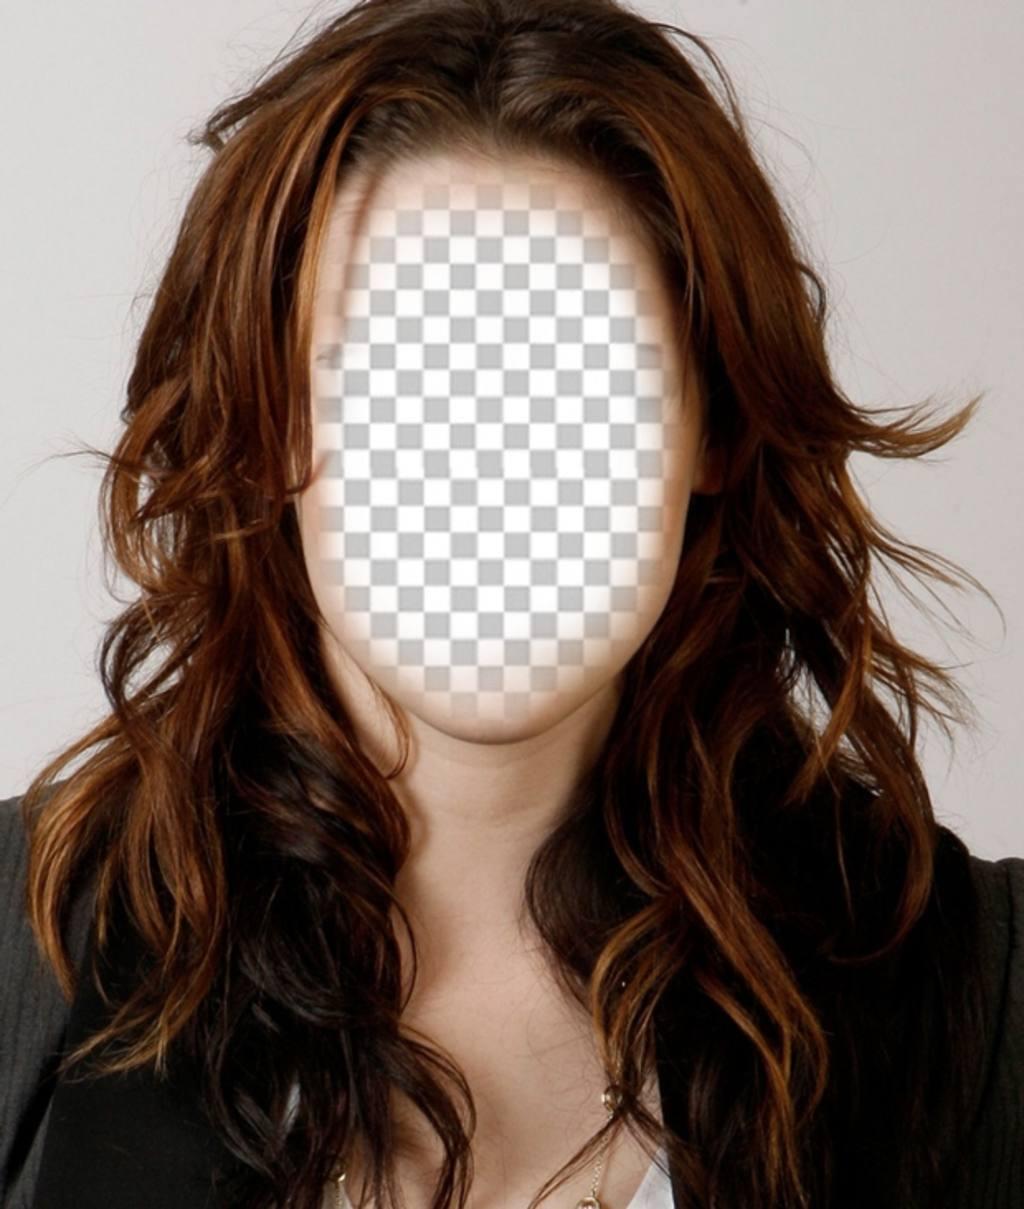 Fotomontaje para llevar el peinado de Kristen Stewart y cambiar de look